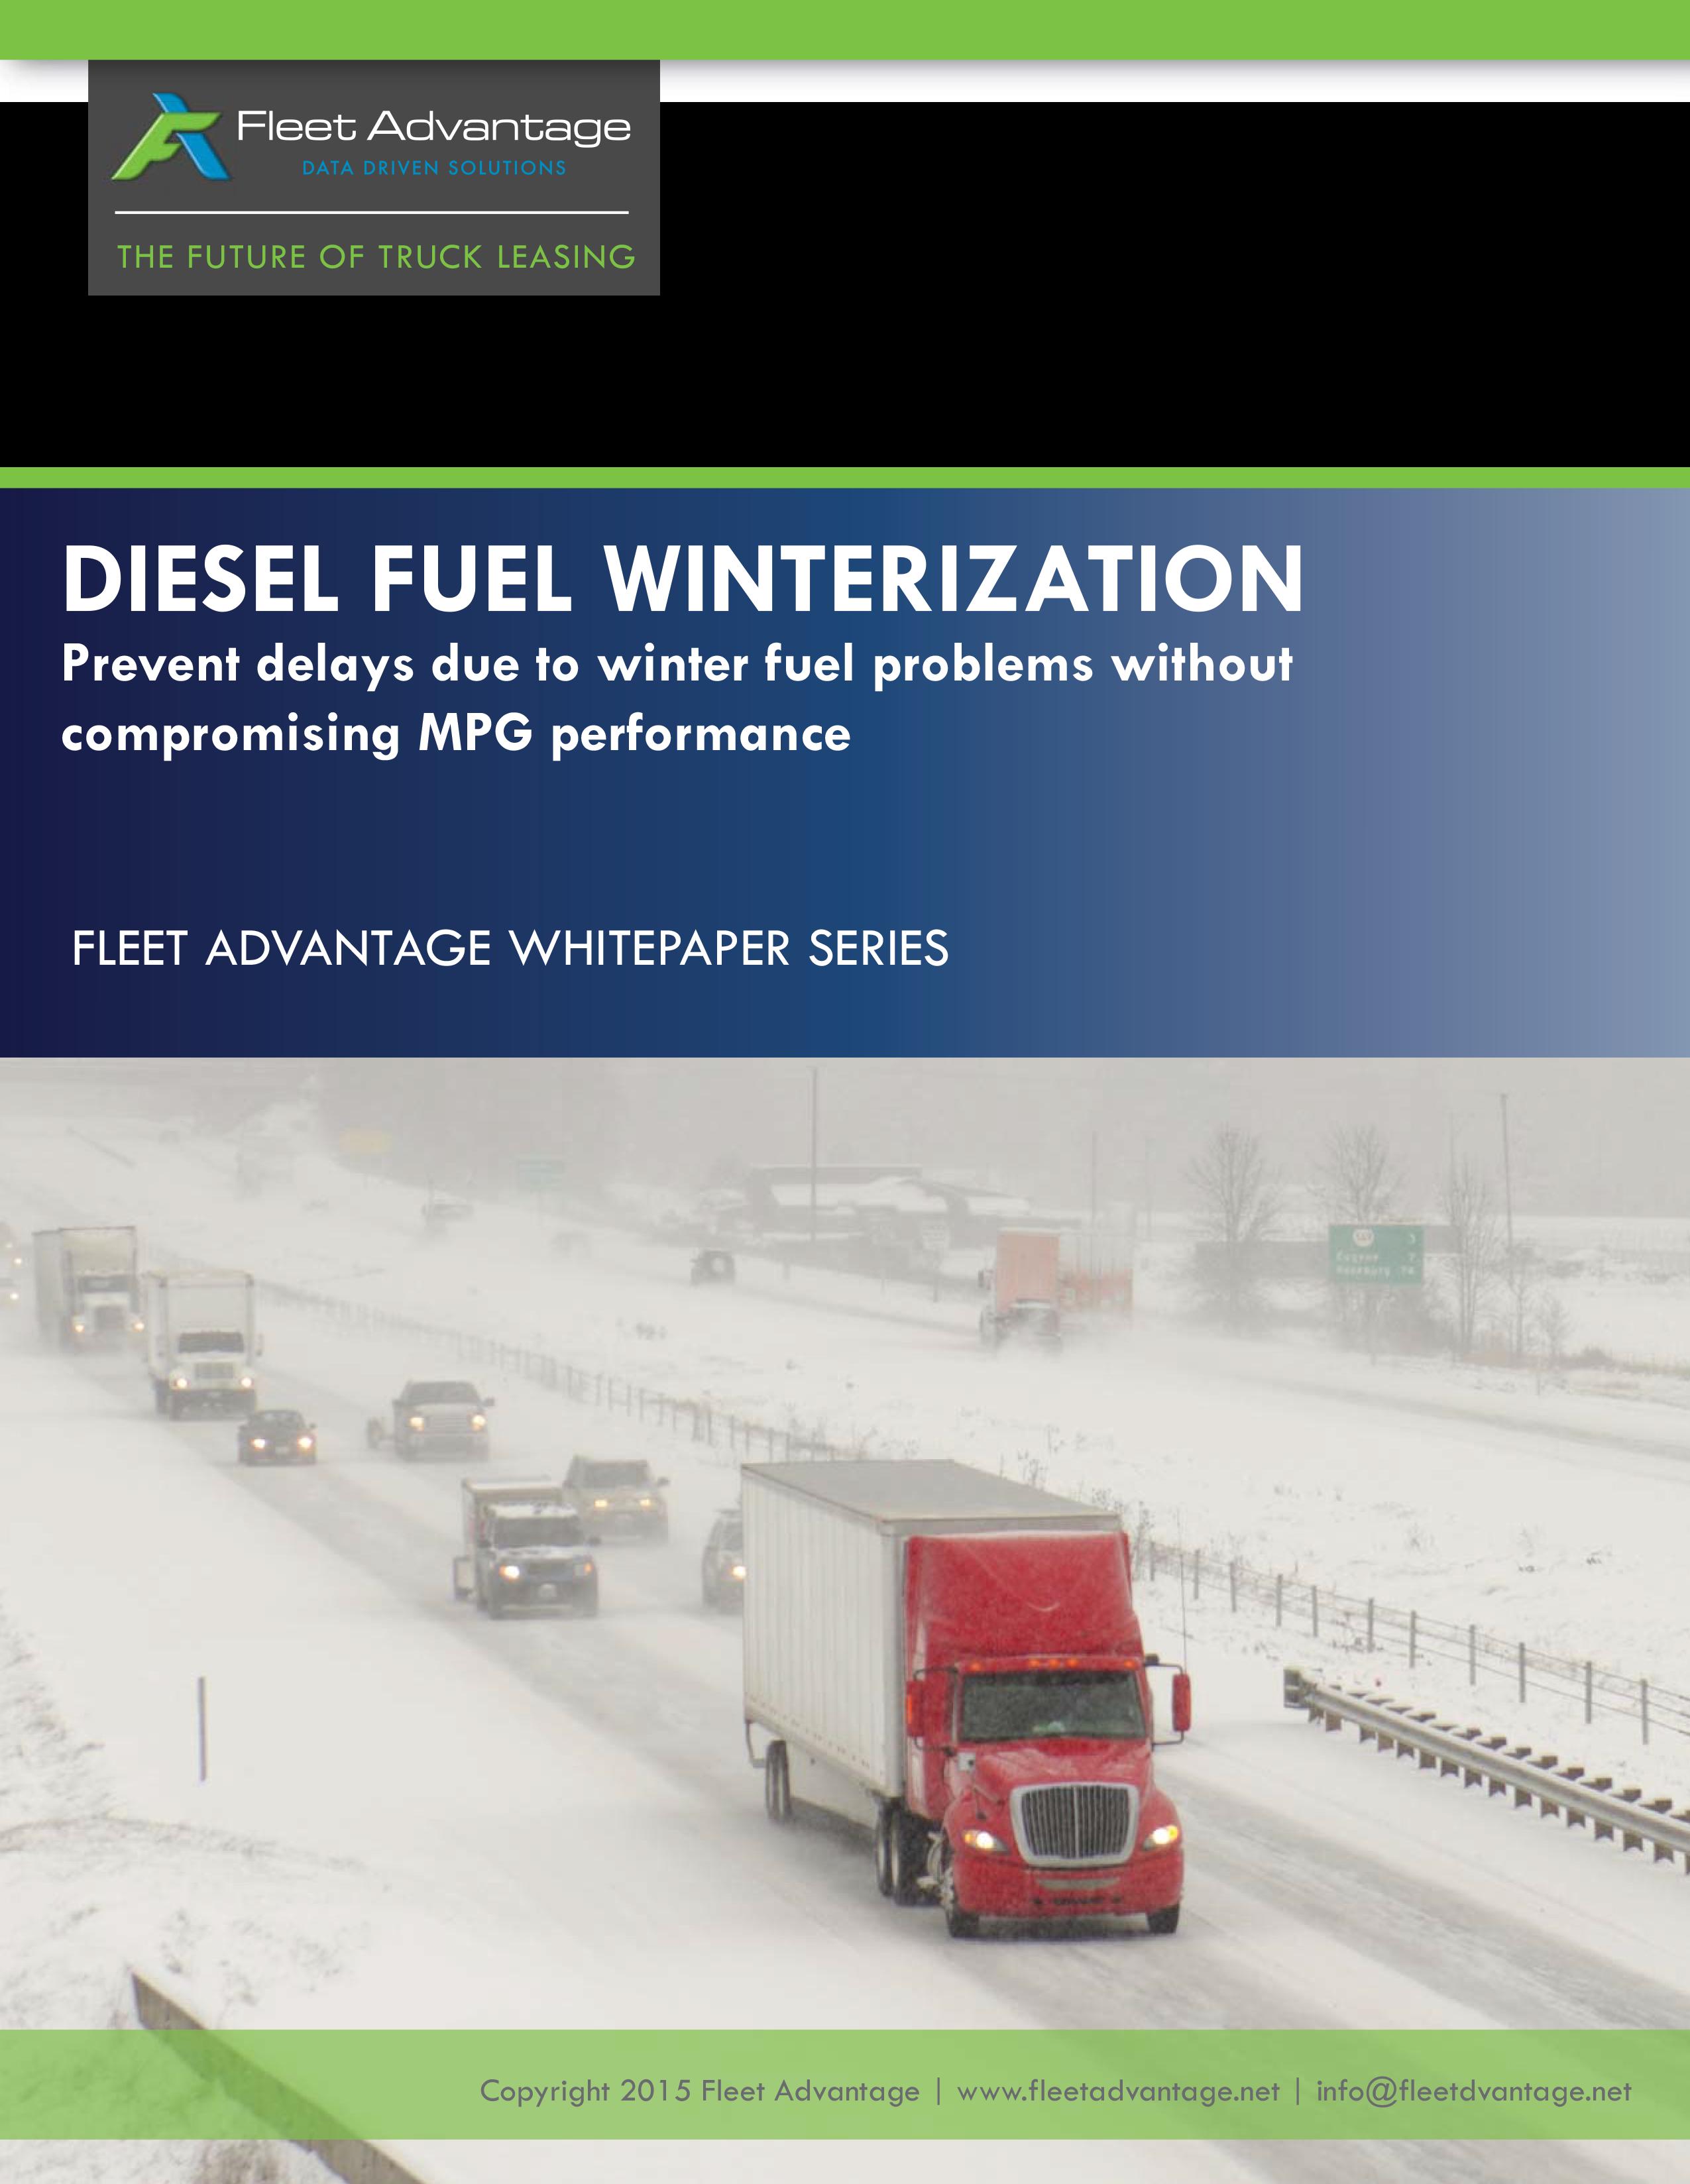 Diesel Fuel Winterization